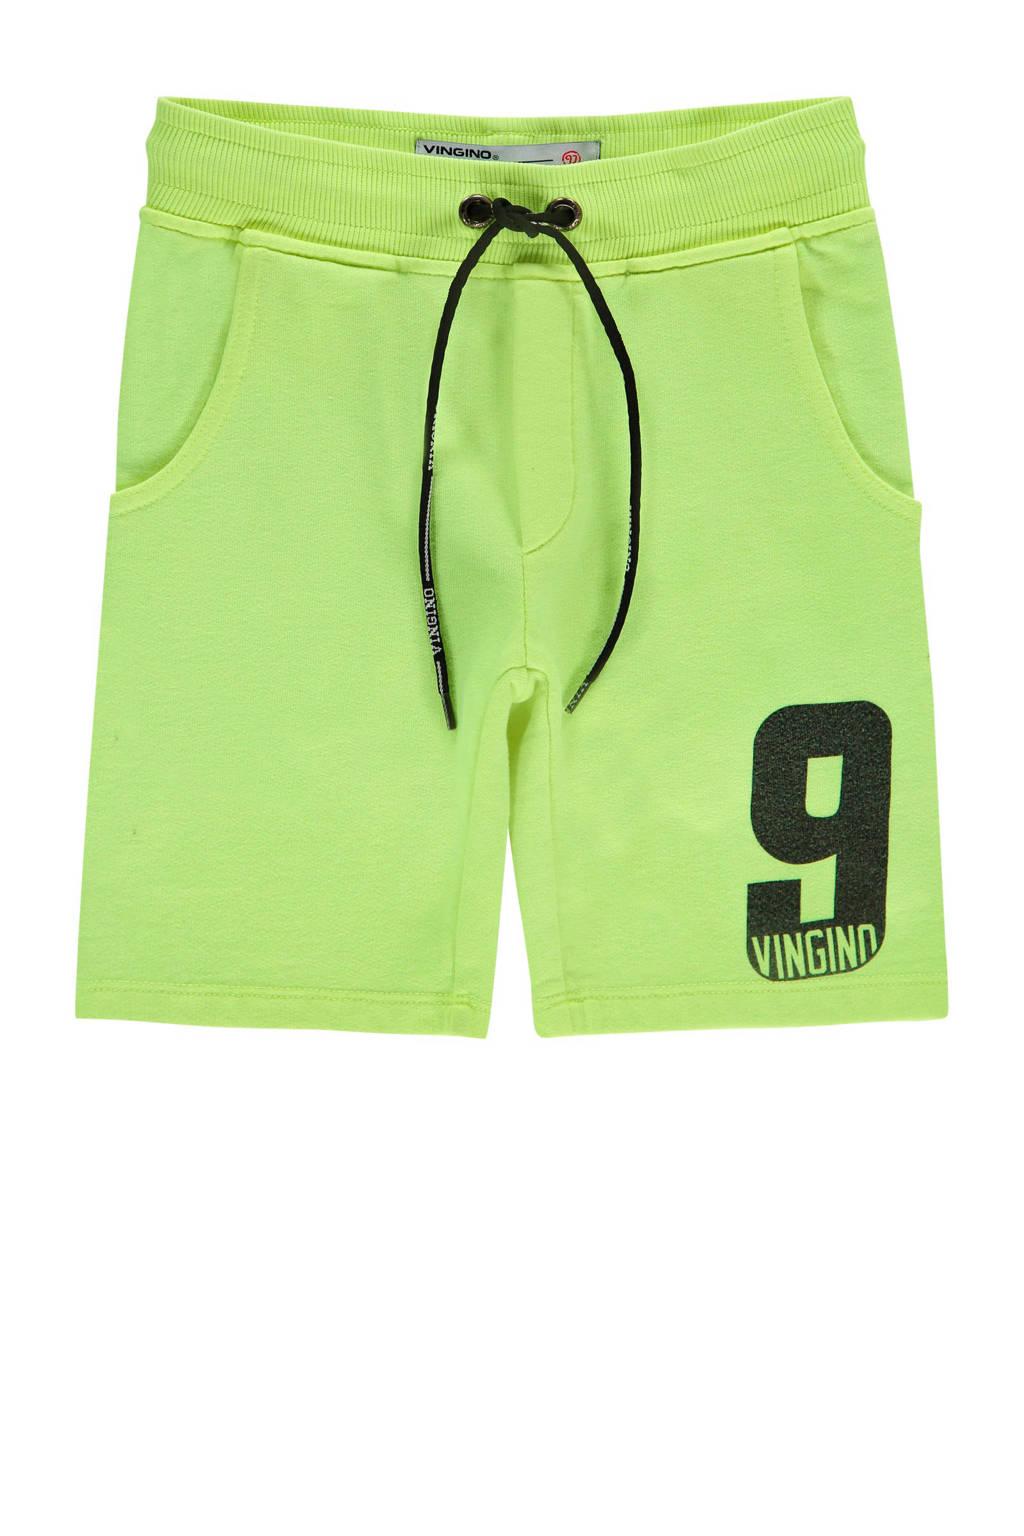 Vingino sweatshort Sespara met printopdruk neon geel, Neon geel